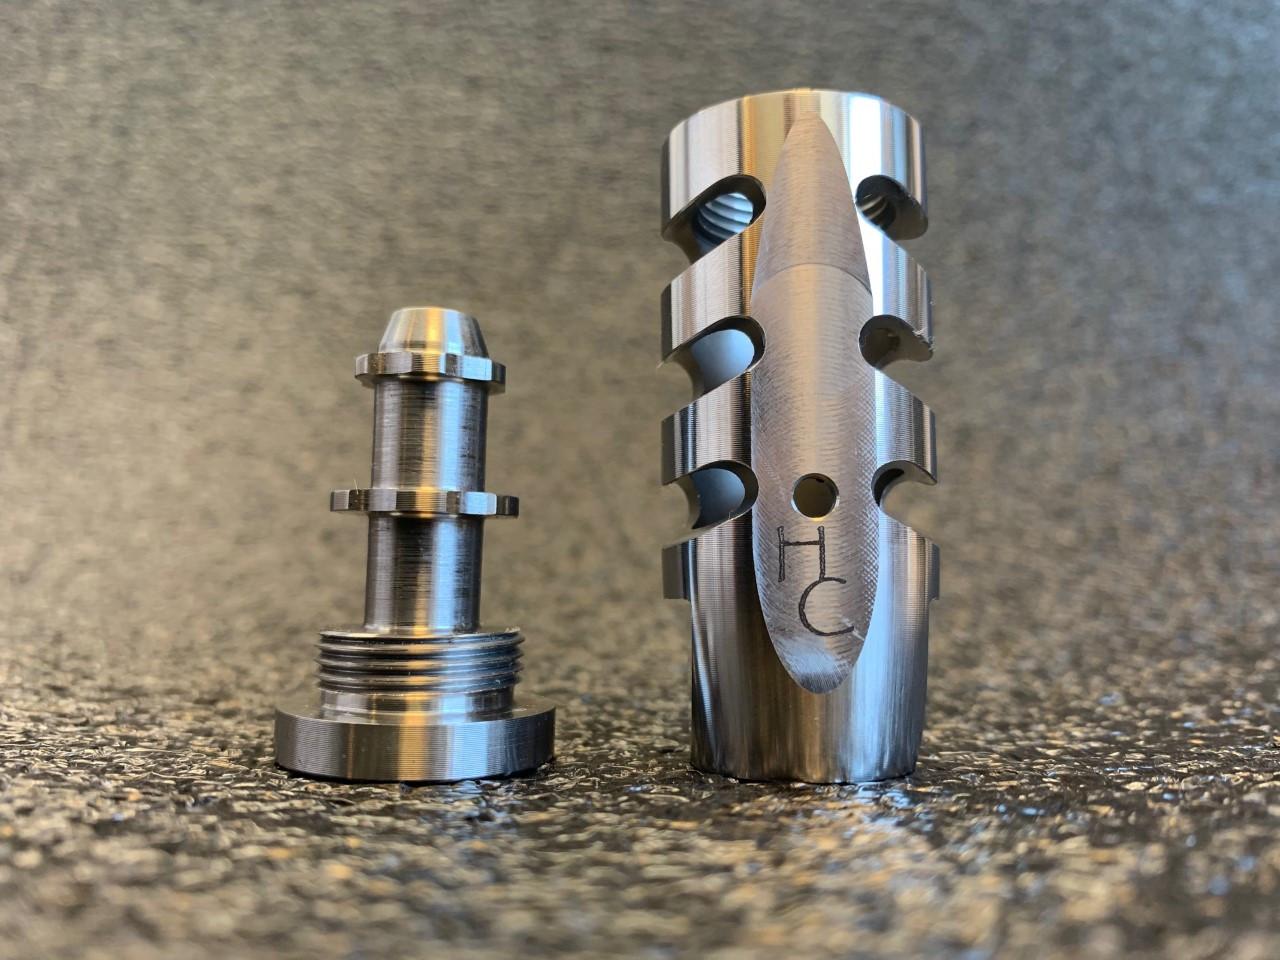 Highland Canyon Cronus  6.5 Muzzle Brake